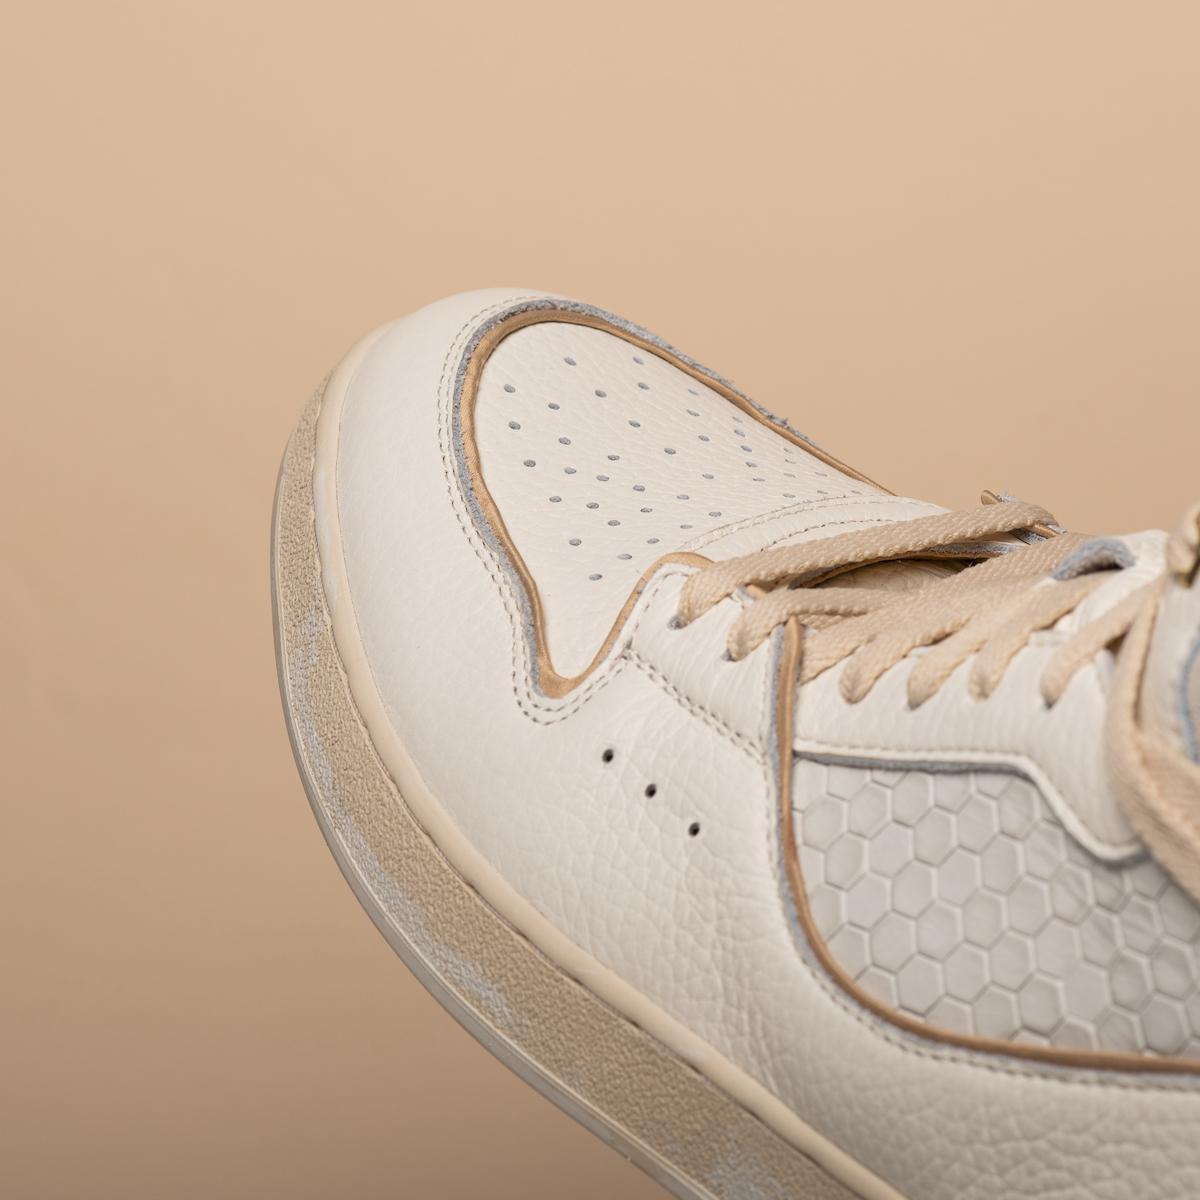 Los 6 sneakers más buscados de Jack Daniel's